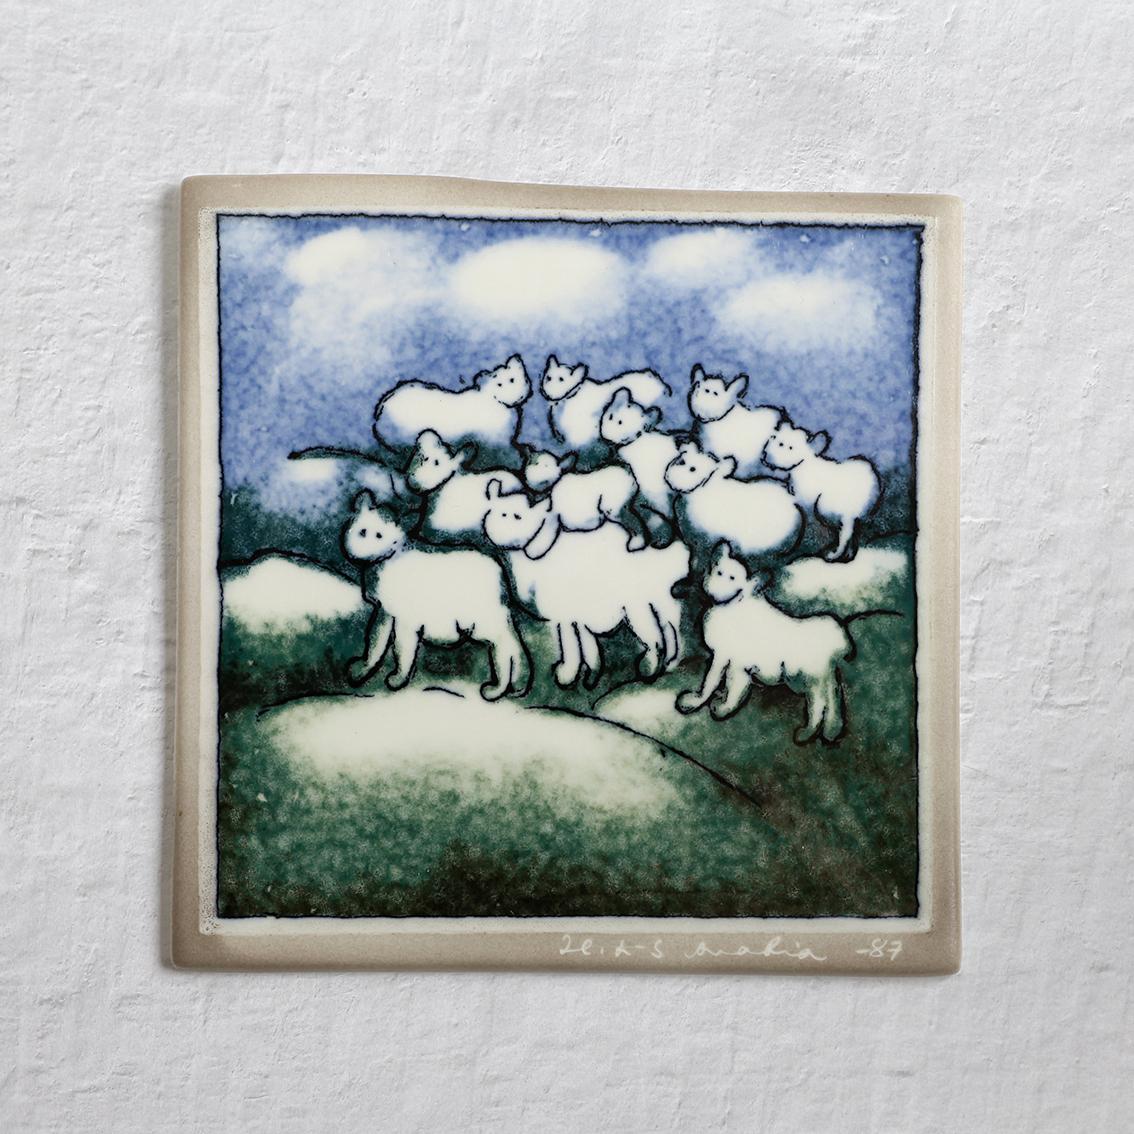 ARABIA アラビア Helja Liukko-Sundstrom ヘルヤ・リウッコ・スンドストロム 羊たちの陶板 北欧ヴィンテージ